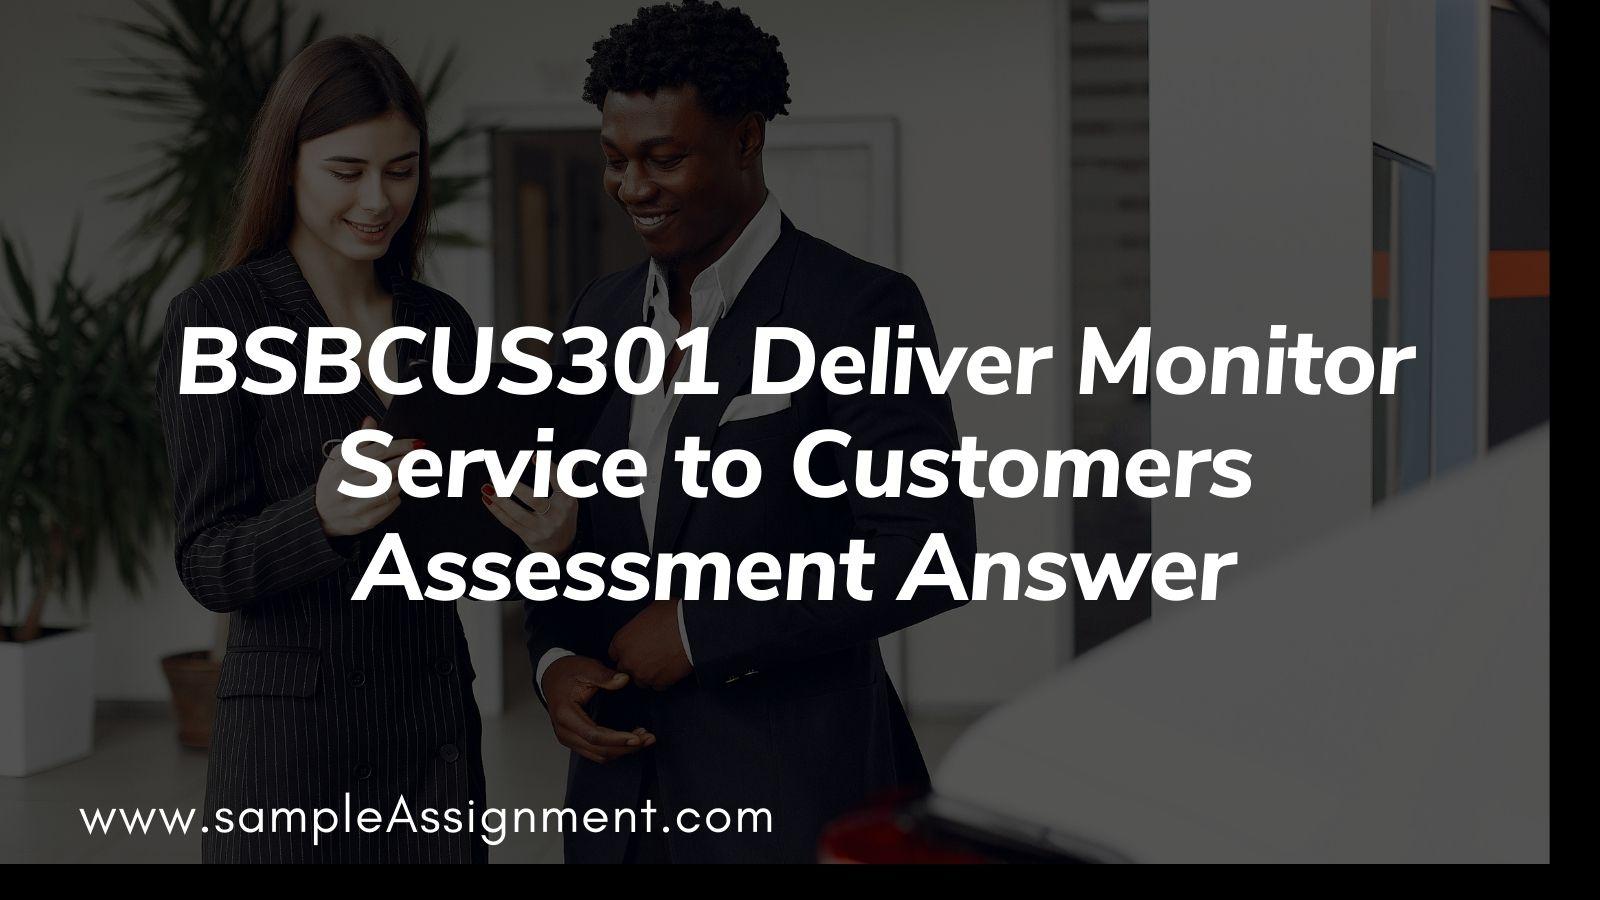 BSBCUS301 assessment answer